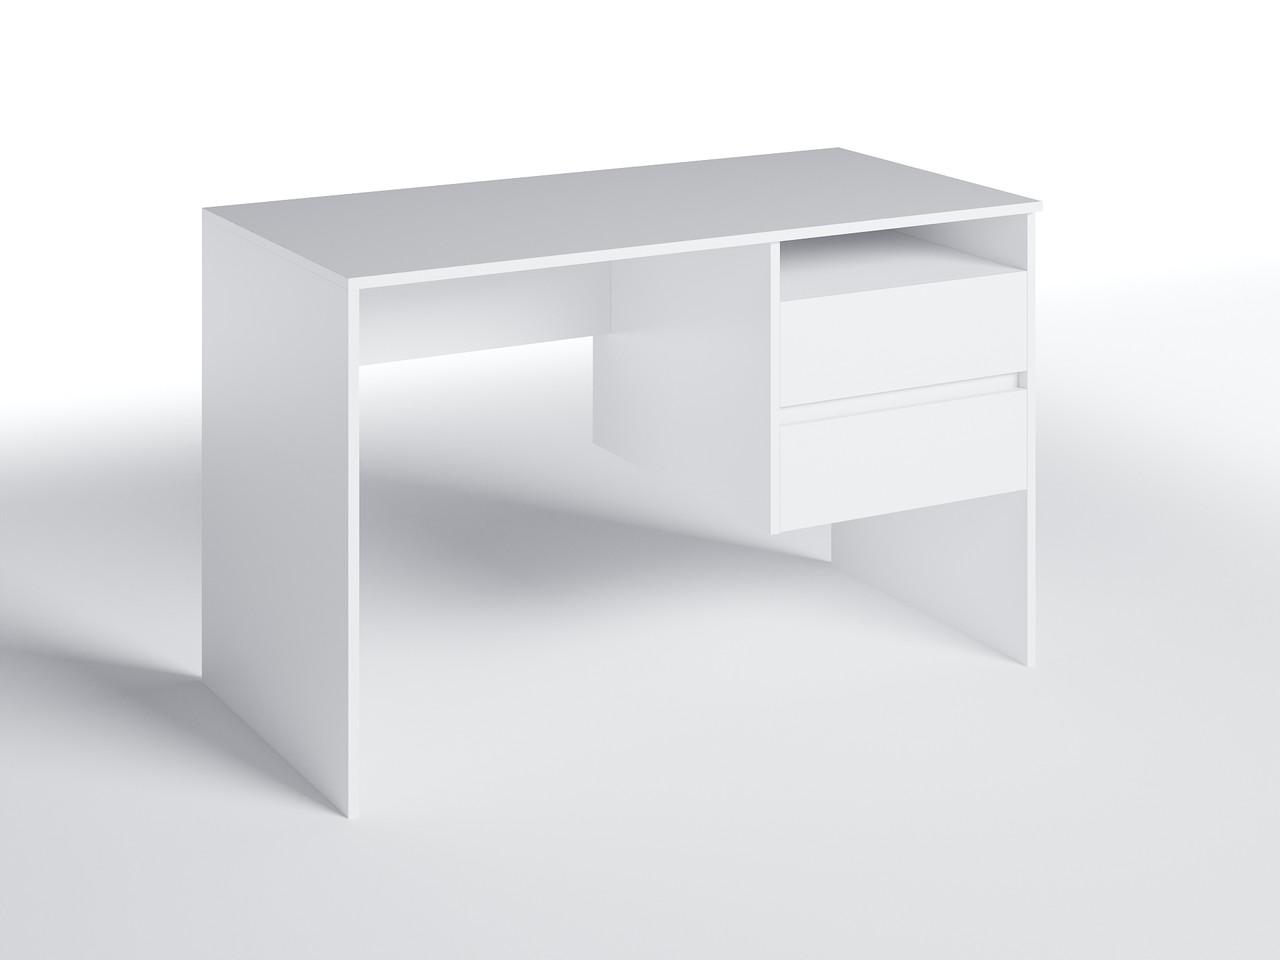 Письменный стол СП-8 с тумбой Белый